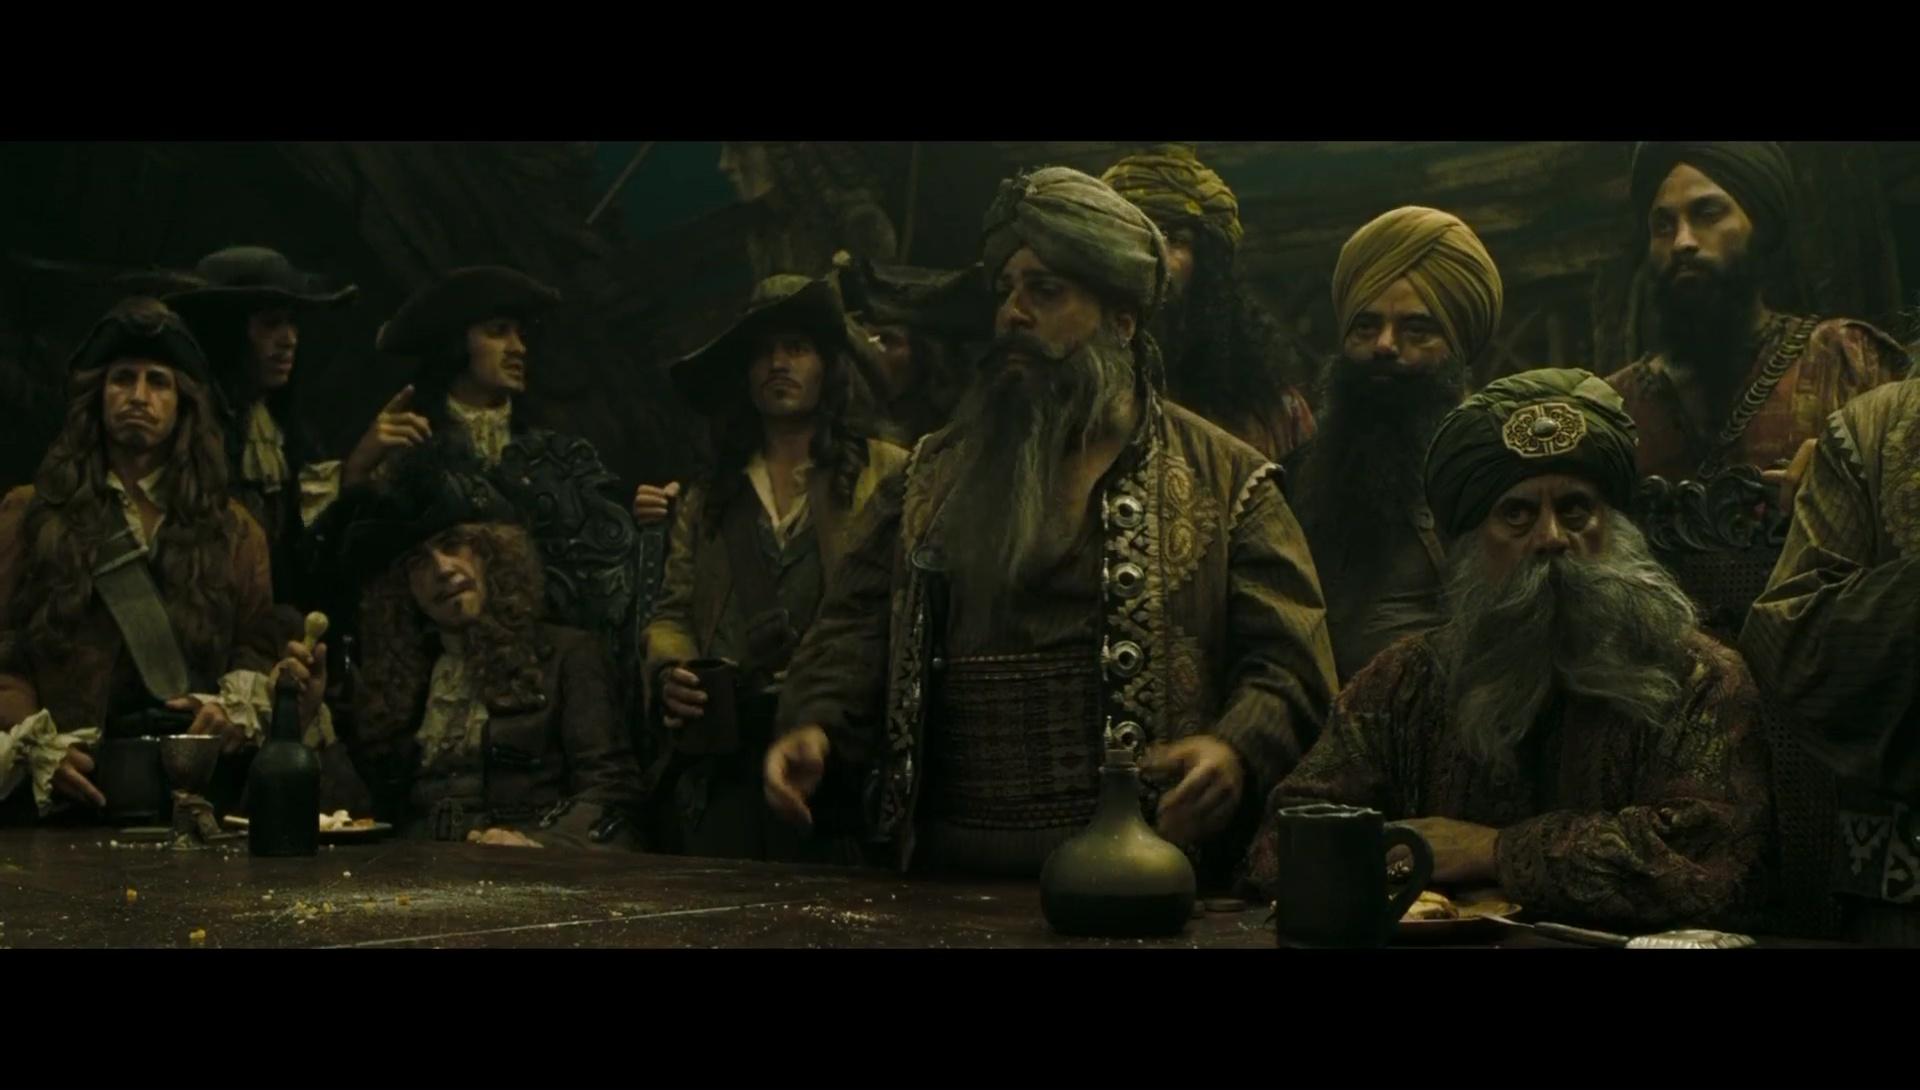 Piratas Del Caribe 3 1080p Lat-Cast-Ing 5.1 (2007)